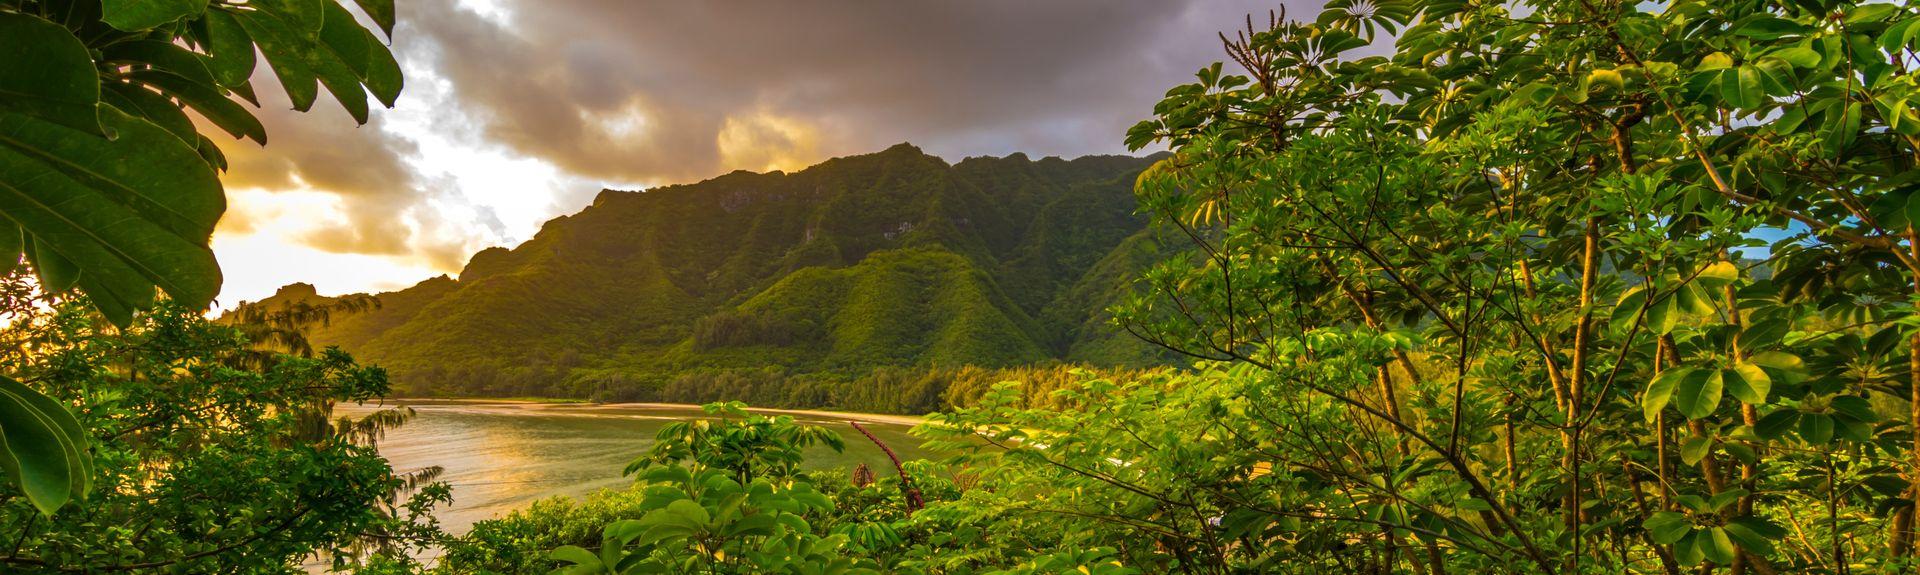 Kahana, Lāhainā, Hawaii, USA